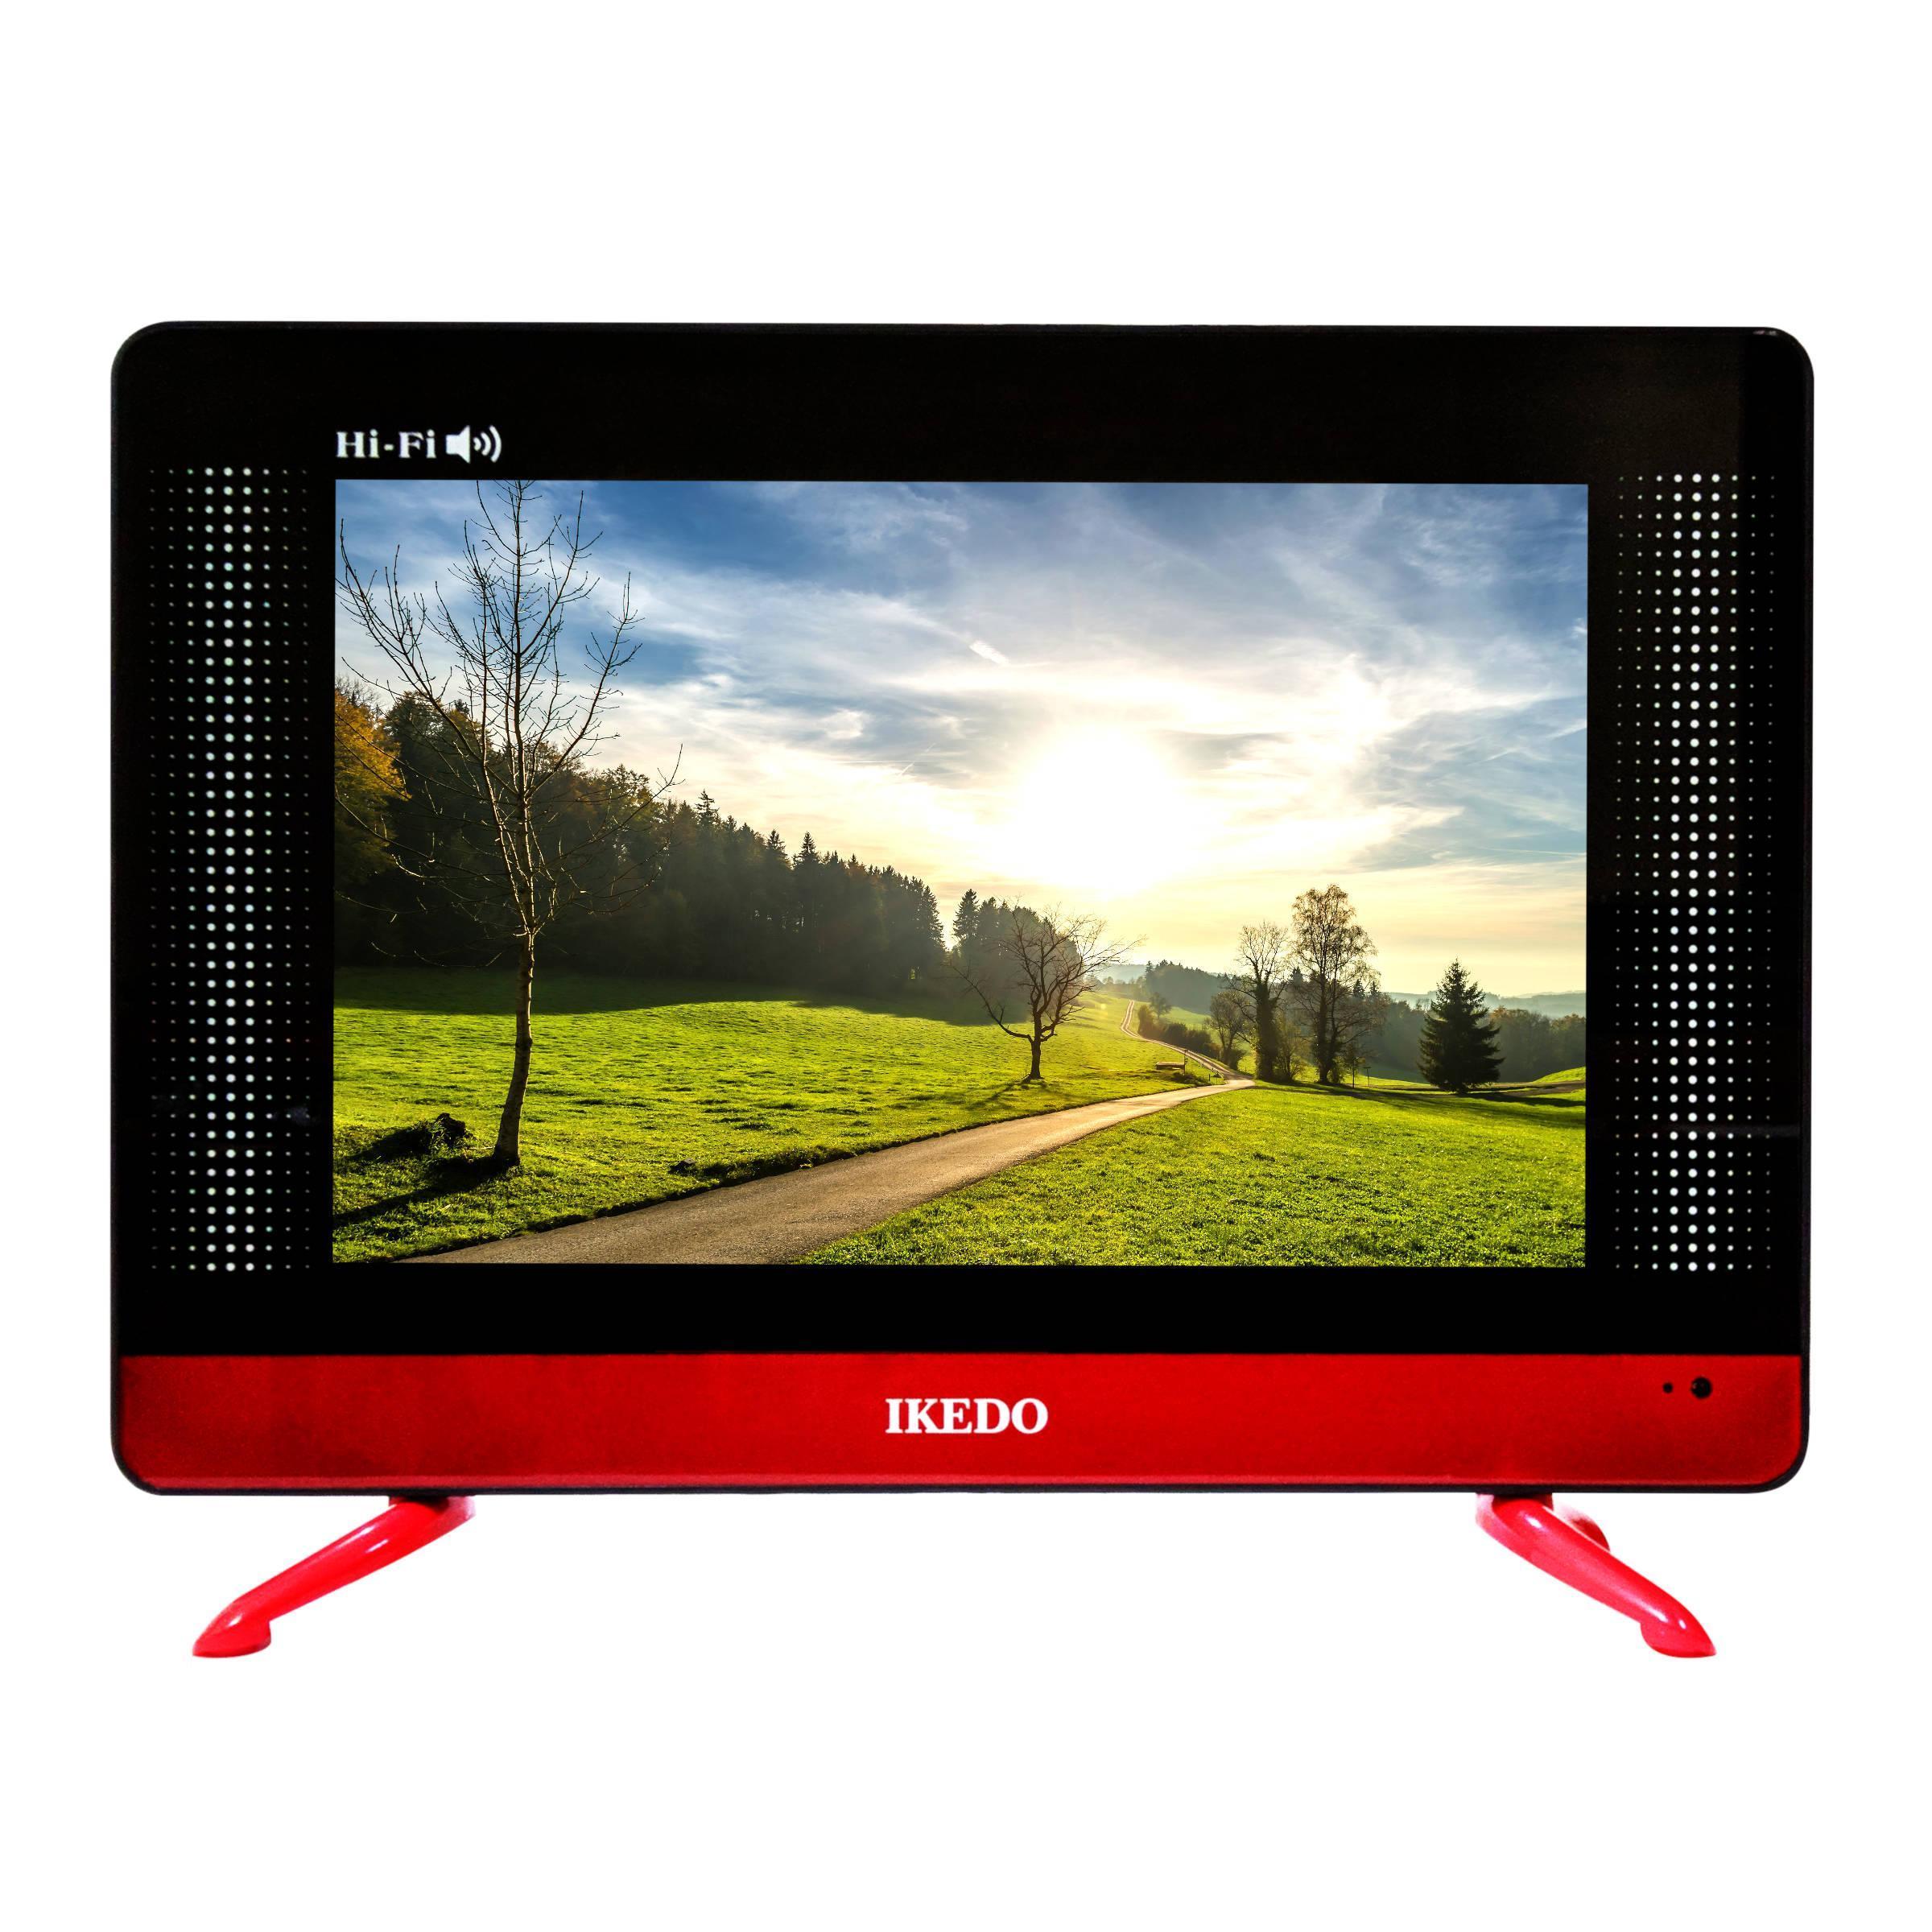 Tv led IKEDO 15 inch type LT15M1